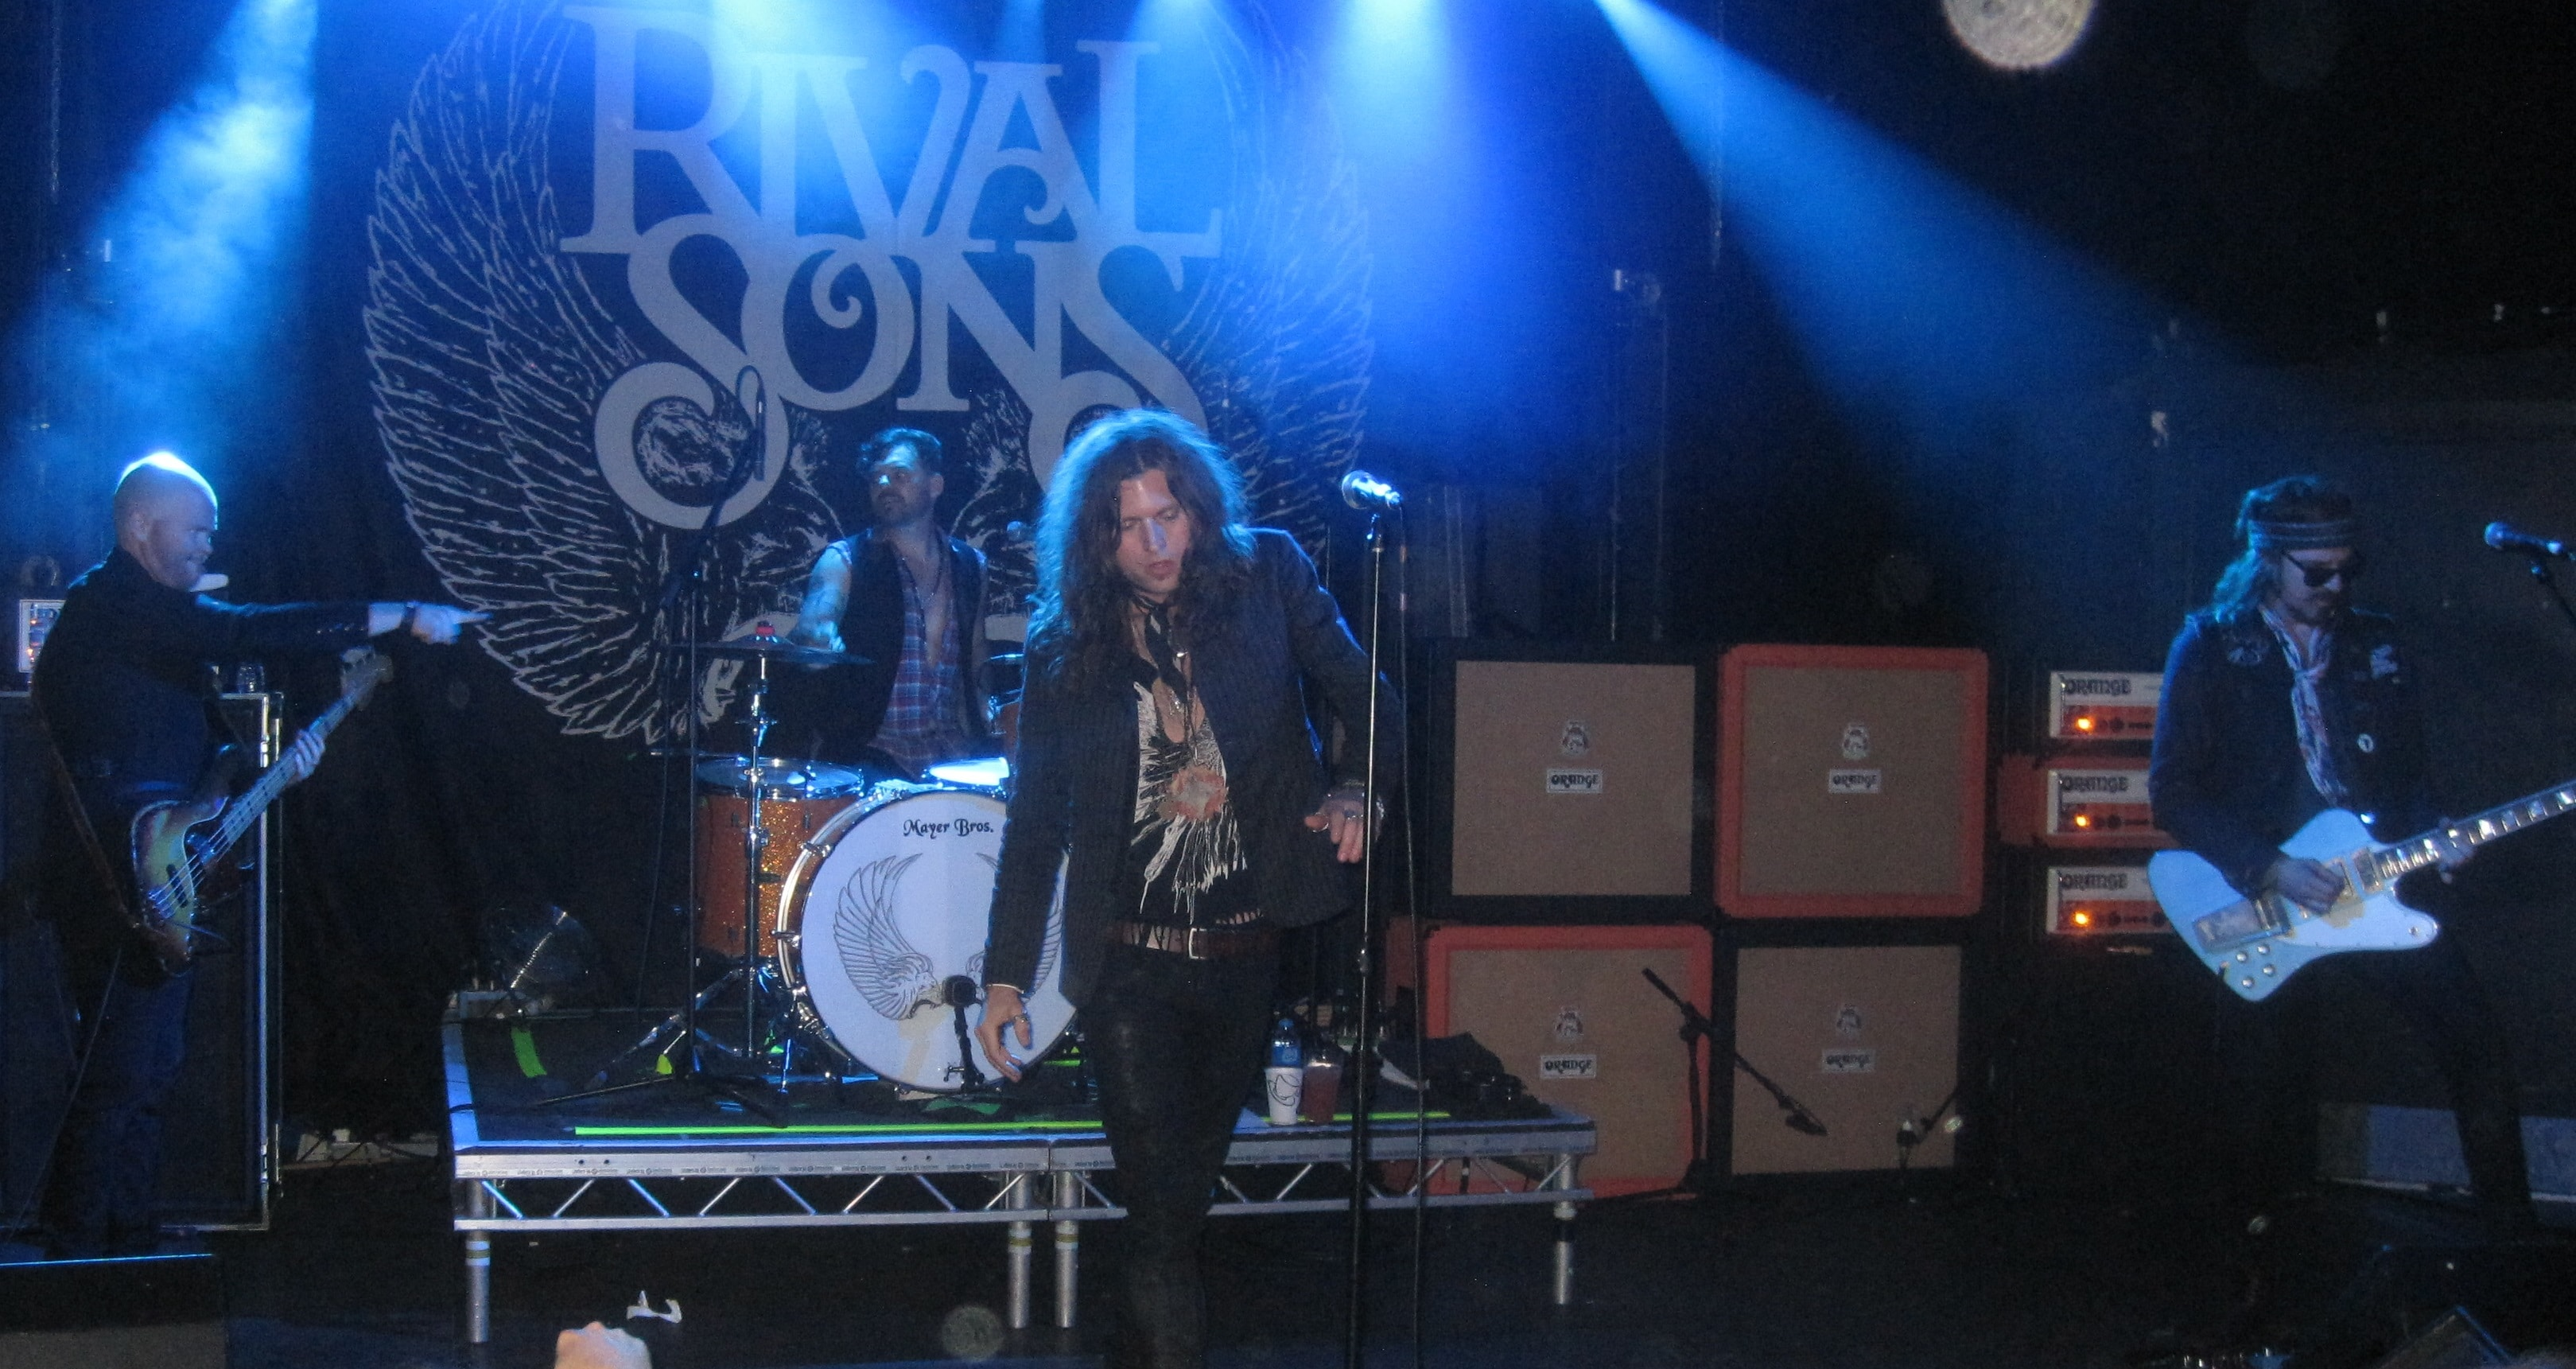 Conheça Rival Sons, a melhor banda de Rock Clássico dos últimos anos